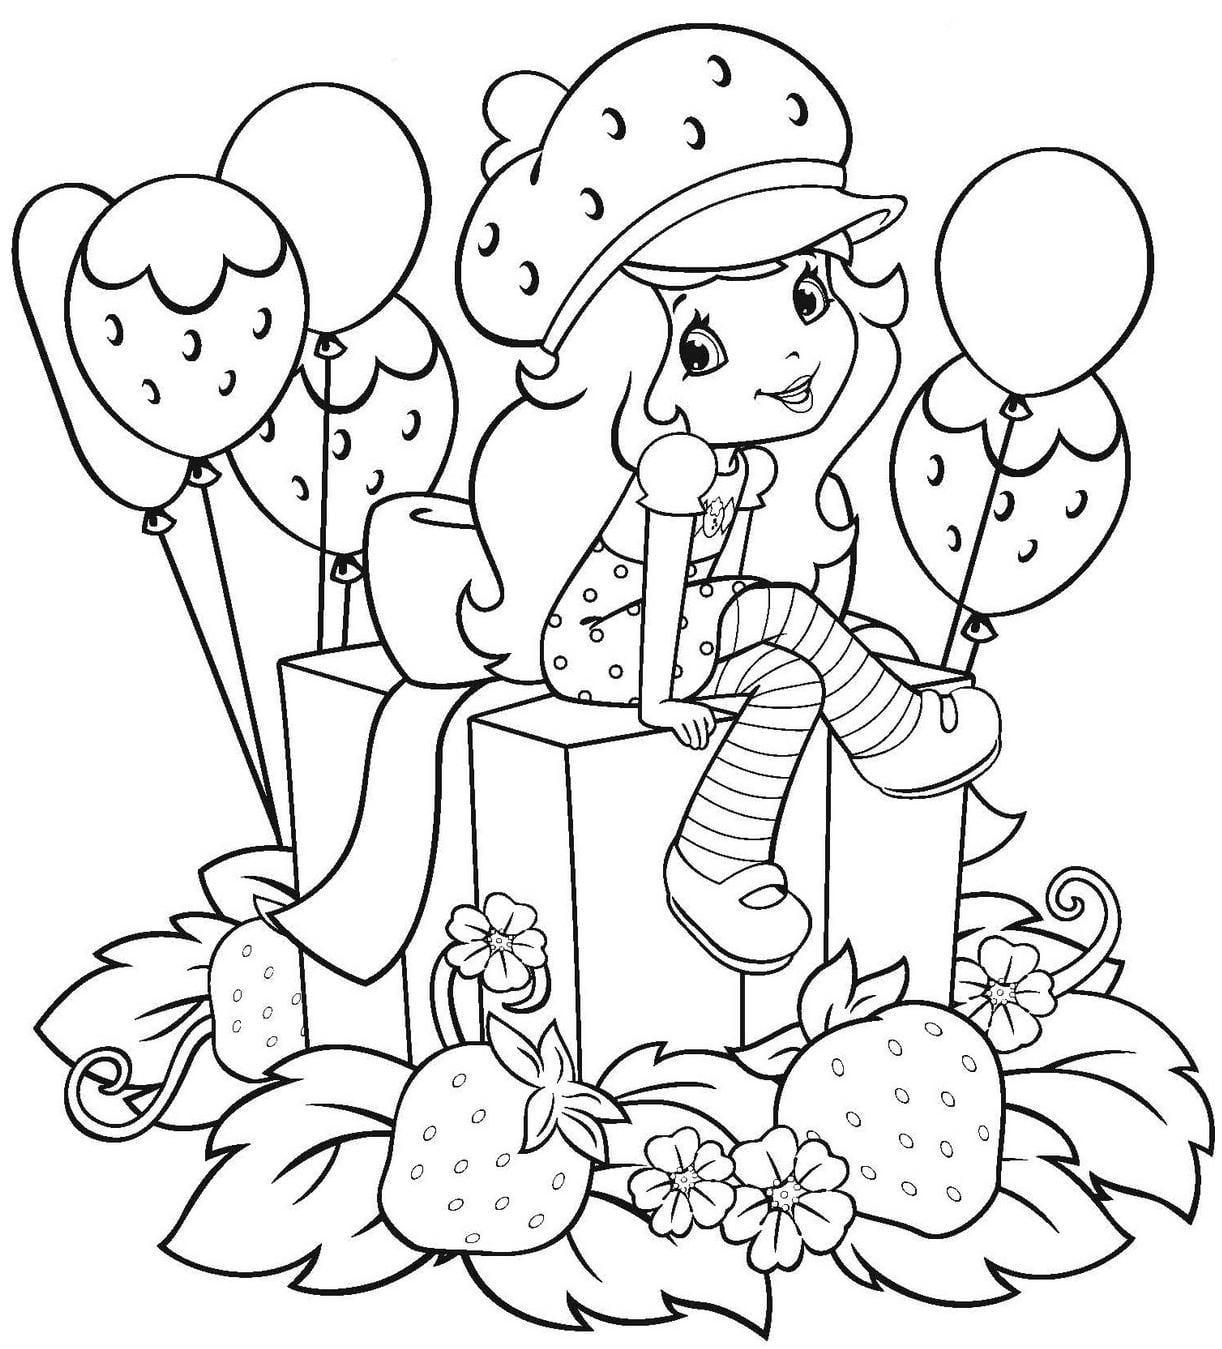 Desenhos Para Colorir Moranguinho Parte 2 – Pampekids Net